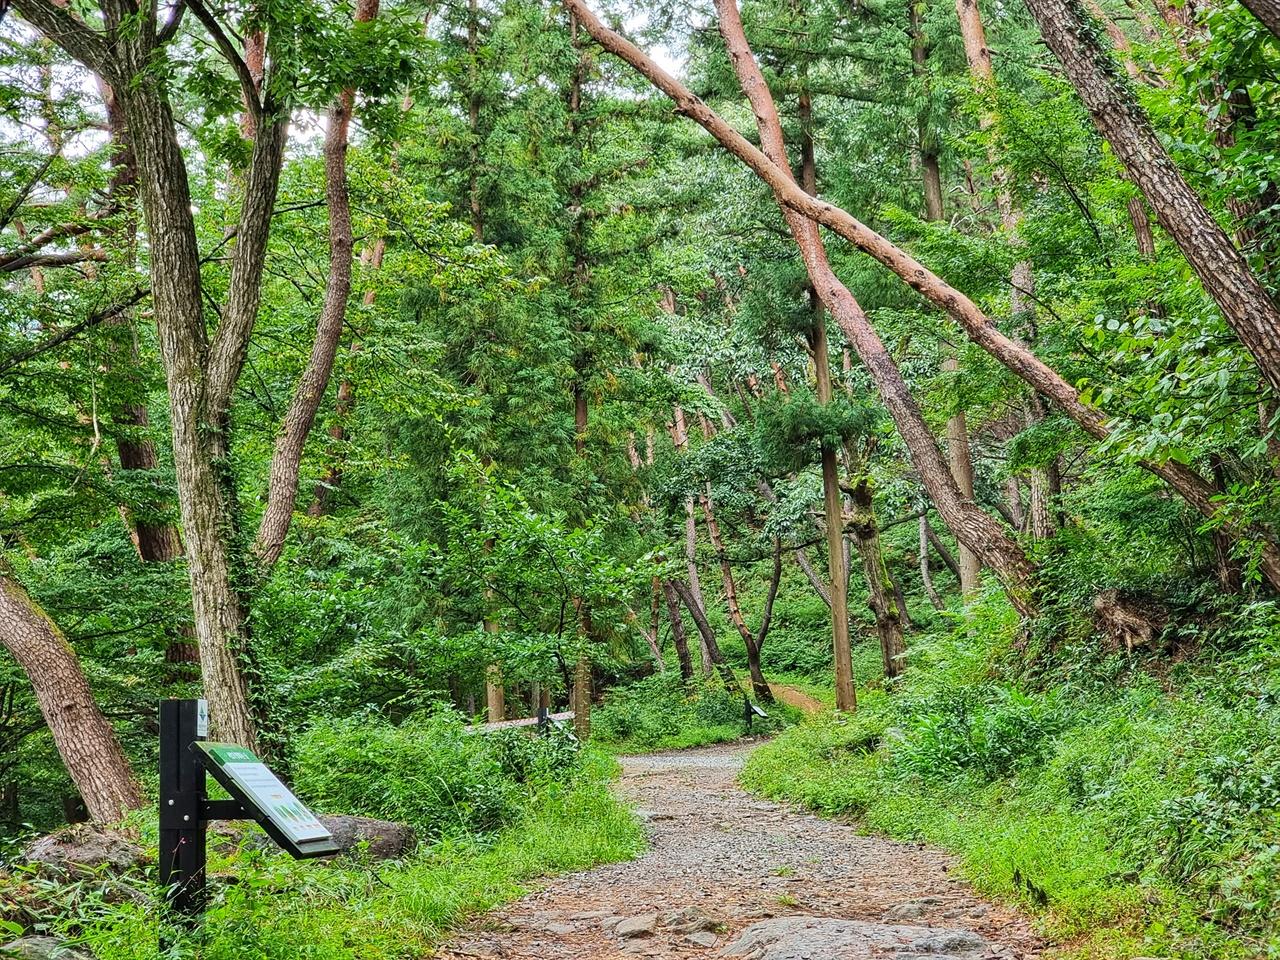 가을비에 촉촉하게 젖은 소나무숲길